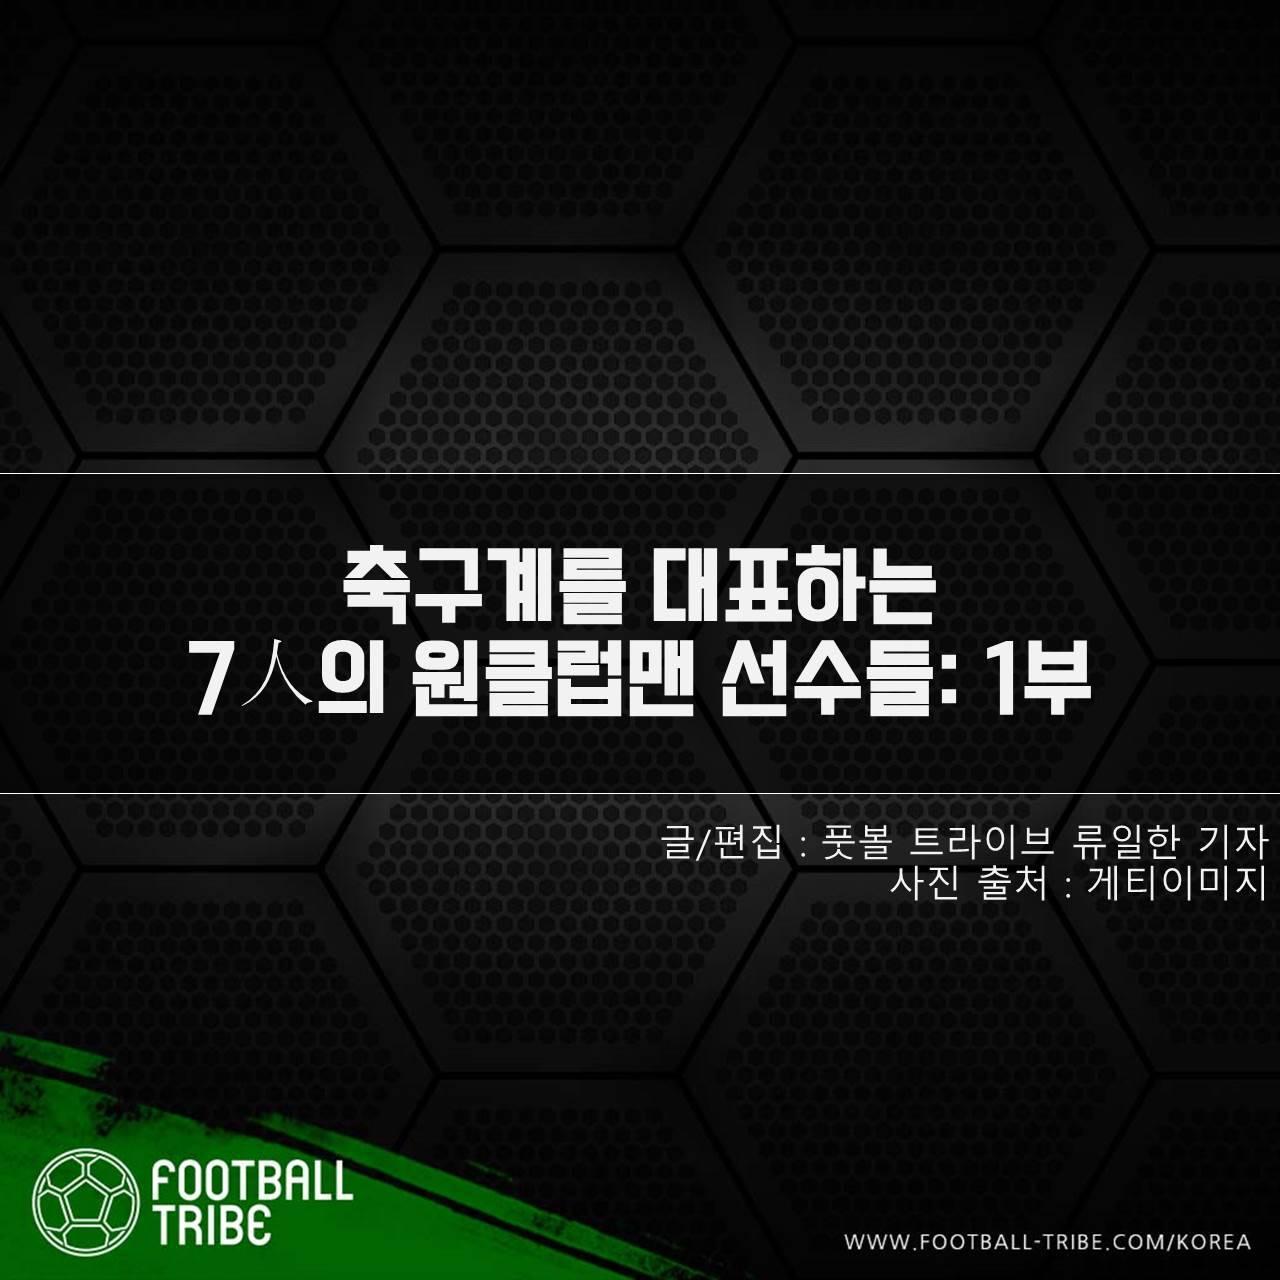 [카드 뉴스] 축구계를 대표하는 7人의 원클럽맨 선수들: 1부